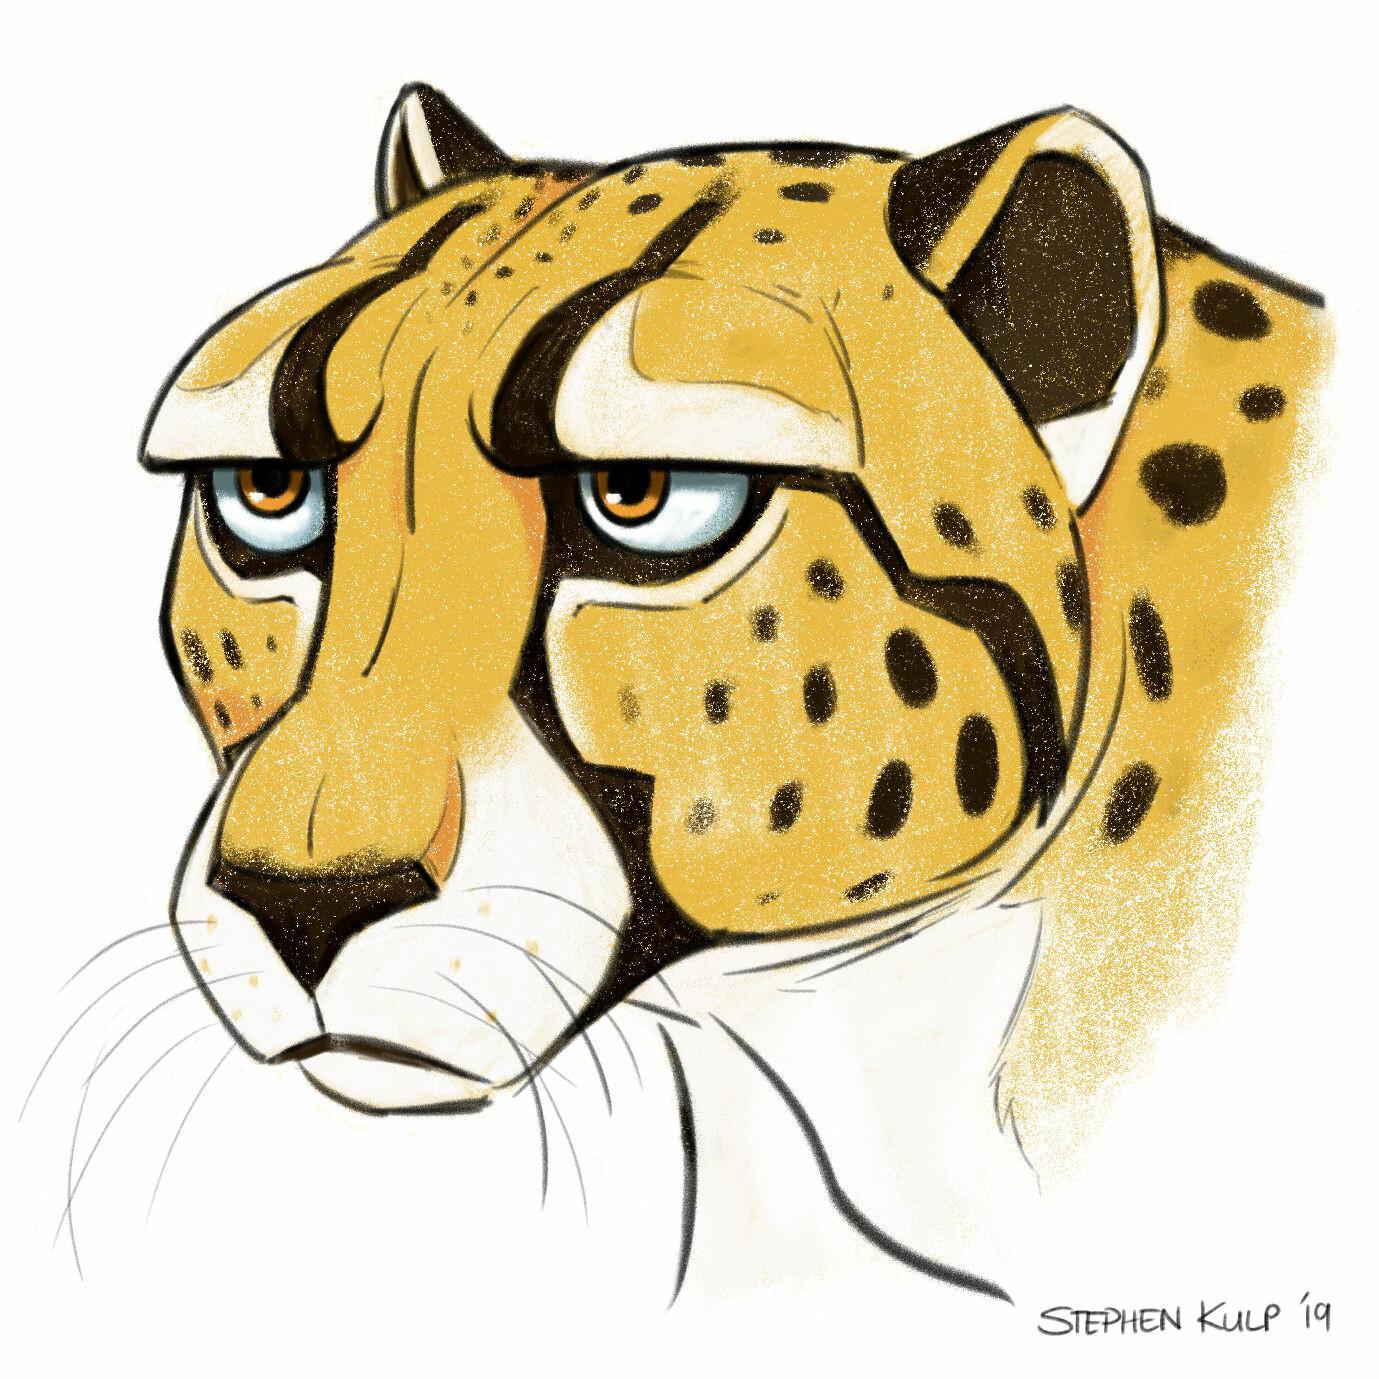 Stephen kulp cheetah sketch 4